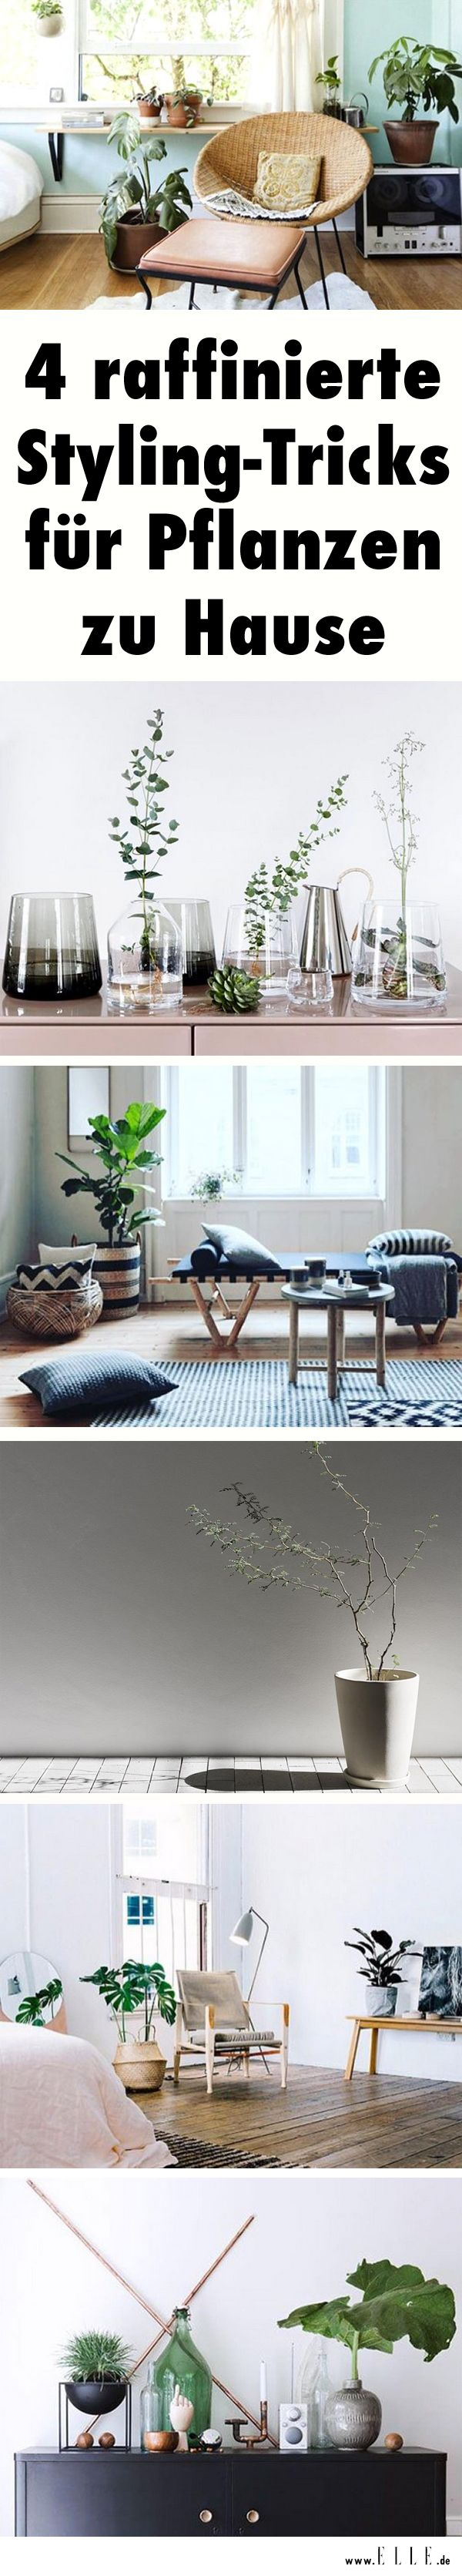 Sommergefühle Im Winter: Exotische Pflanzen Wie Palmen, Kakteen U0026 Co Feiern  Ein Interior